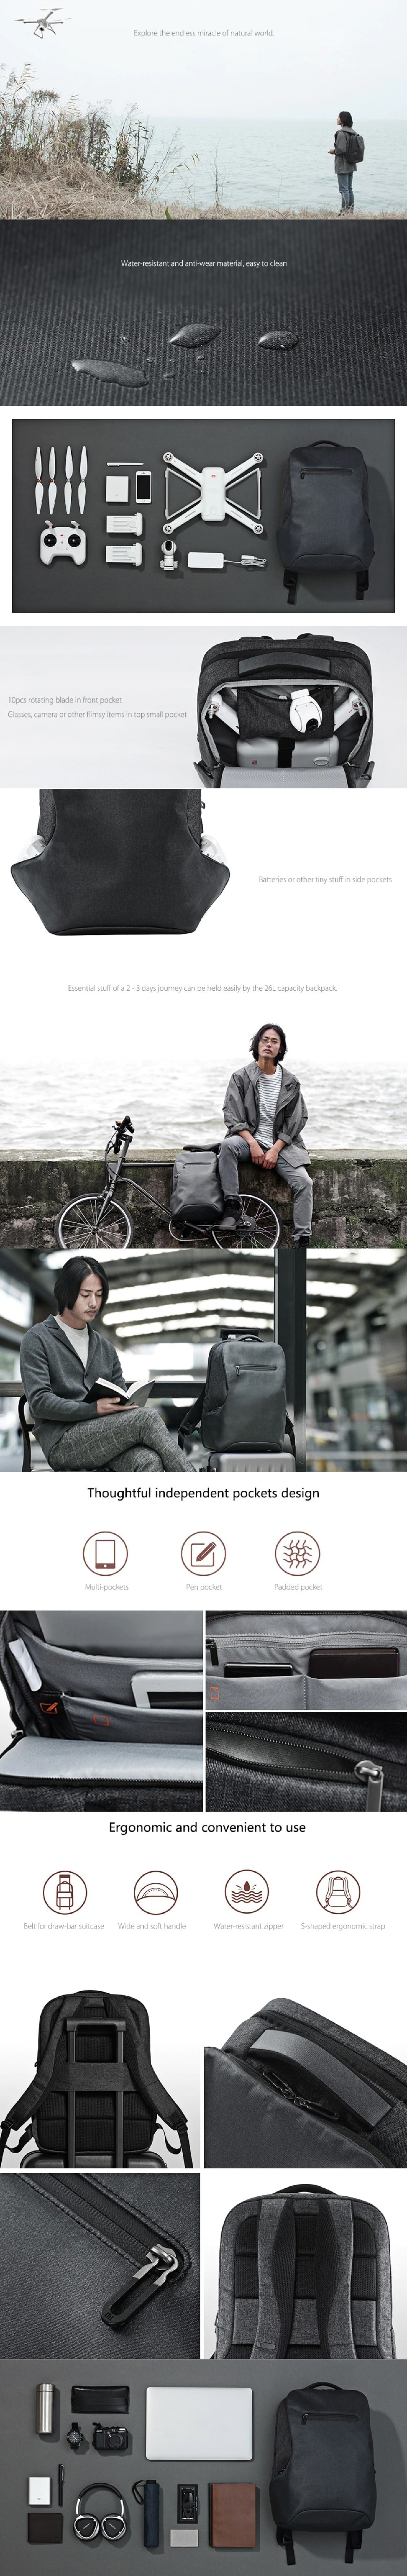 Prezentare-Xiaomi-Mi-Urban-Backpackeb0fdc3817e0aea7.jpg